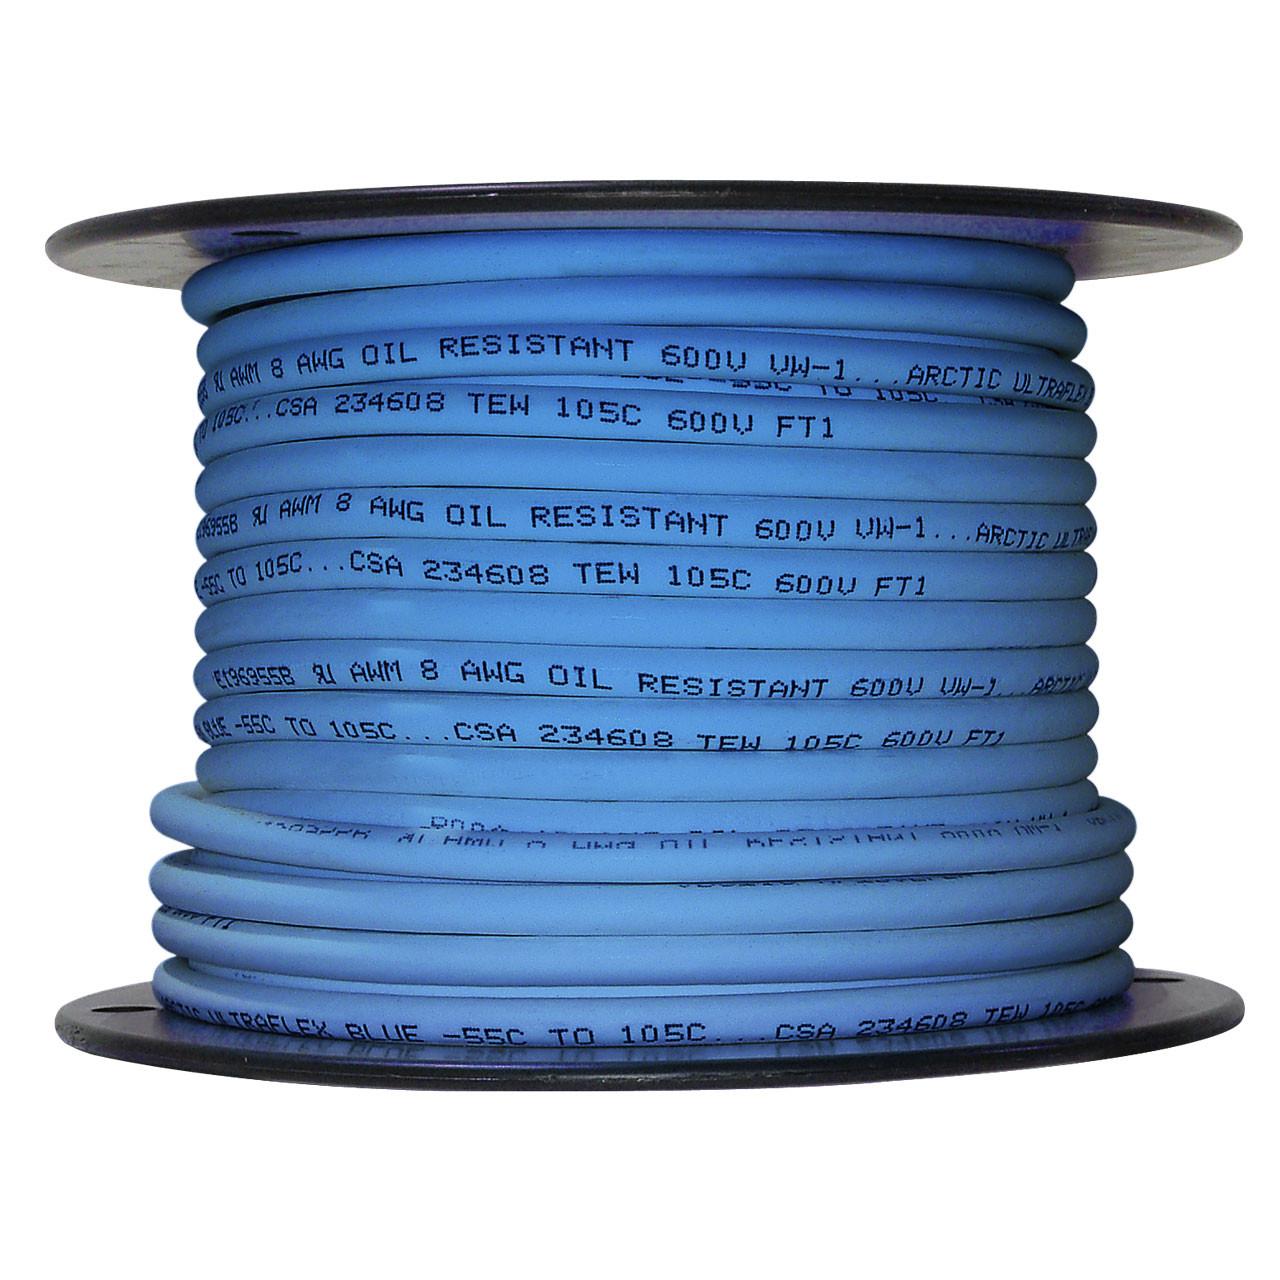 ARCTIC ULTRAFLEX 8GA BLU 100 FOOT ROLL - Polar Wire Products